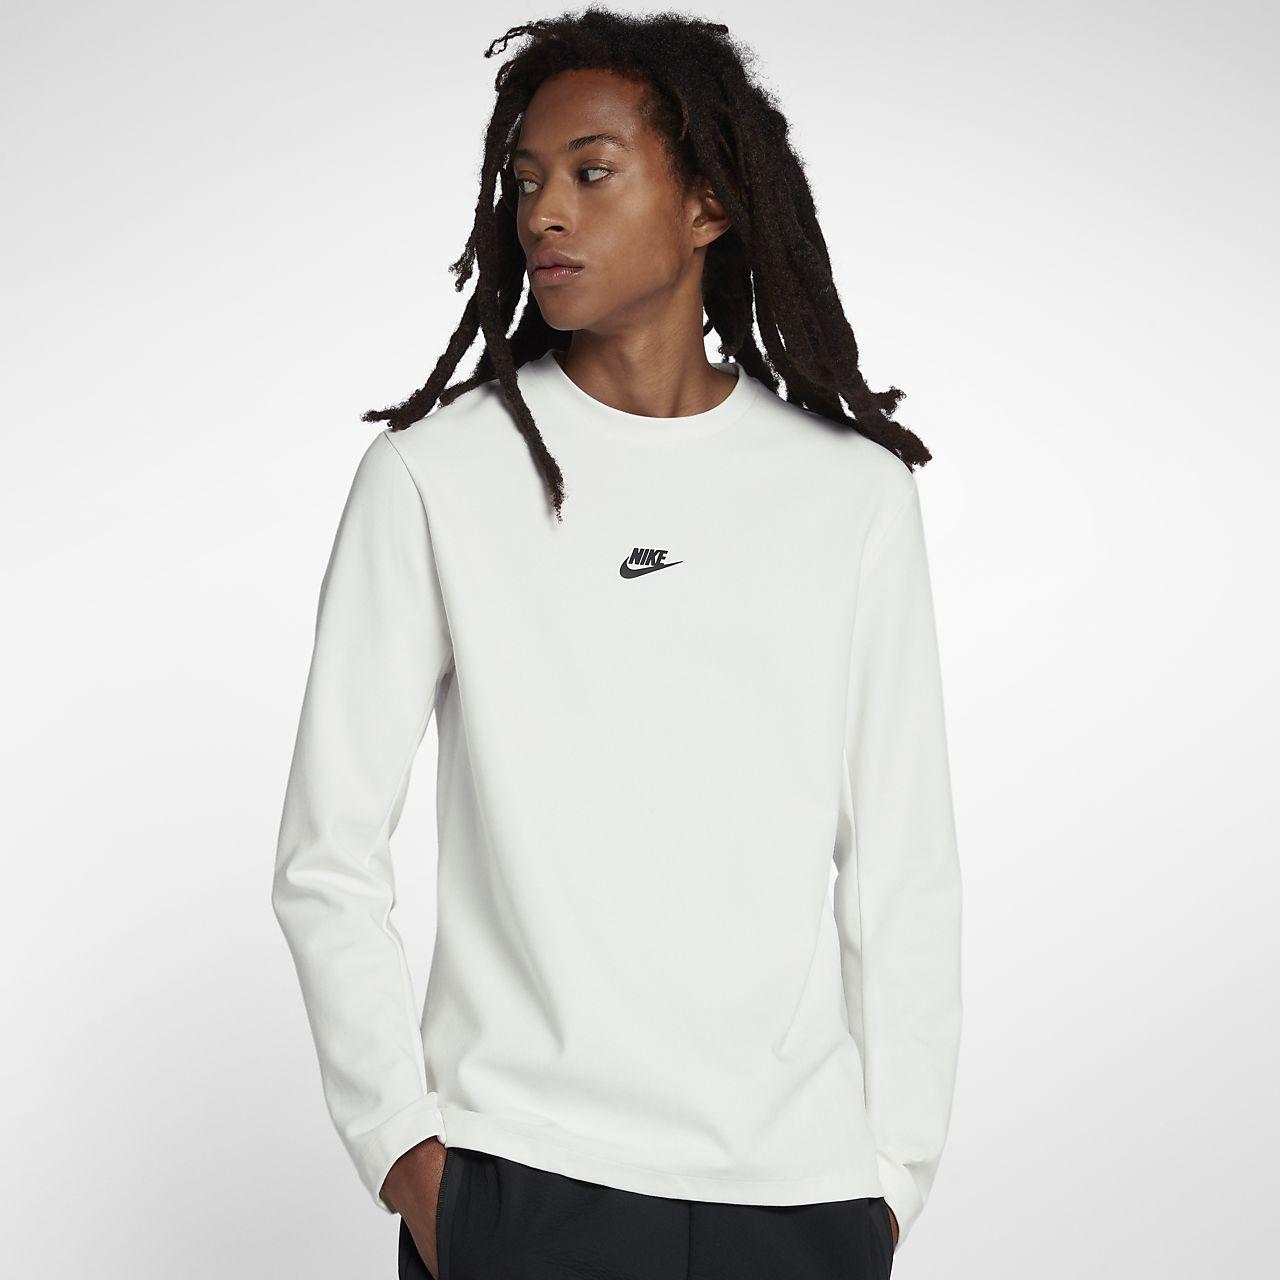 0c9d7add Nike Sportswear Tech Pack Men's Long-Sleeve Crew. Nike.com CA